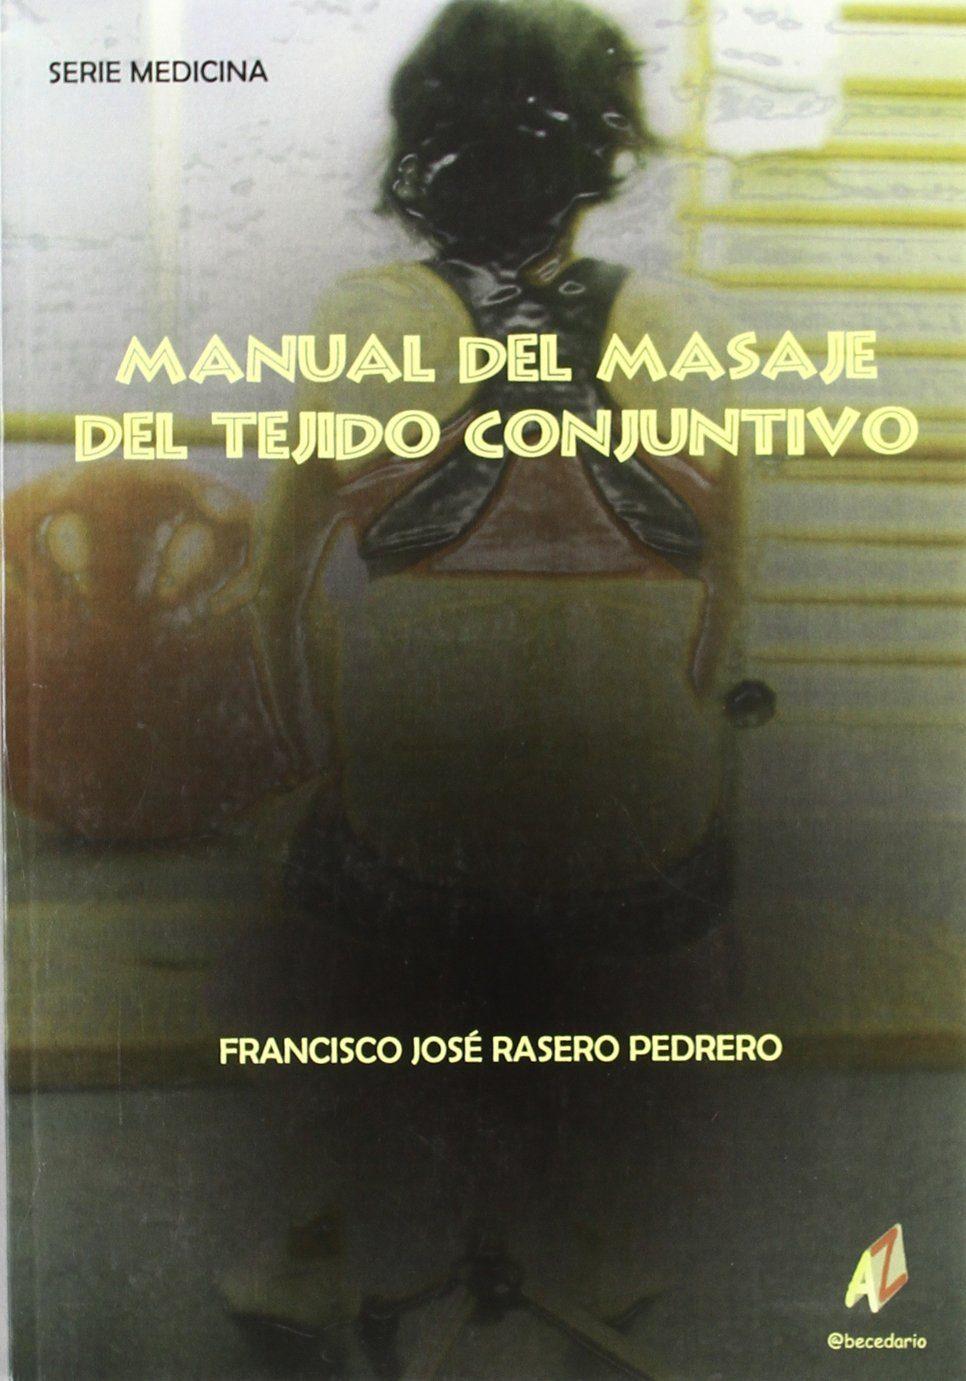 Manual Del Masaje Del Tejido Conjuntivo - Rasero Pedrero Francisco Jose